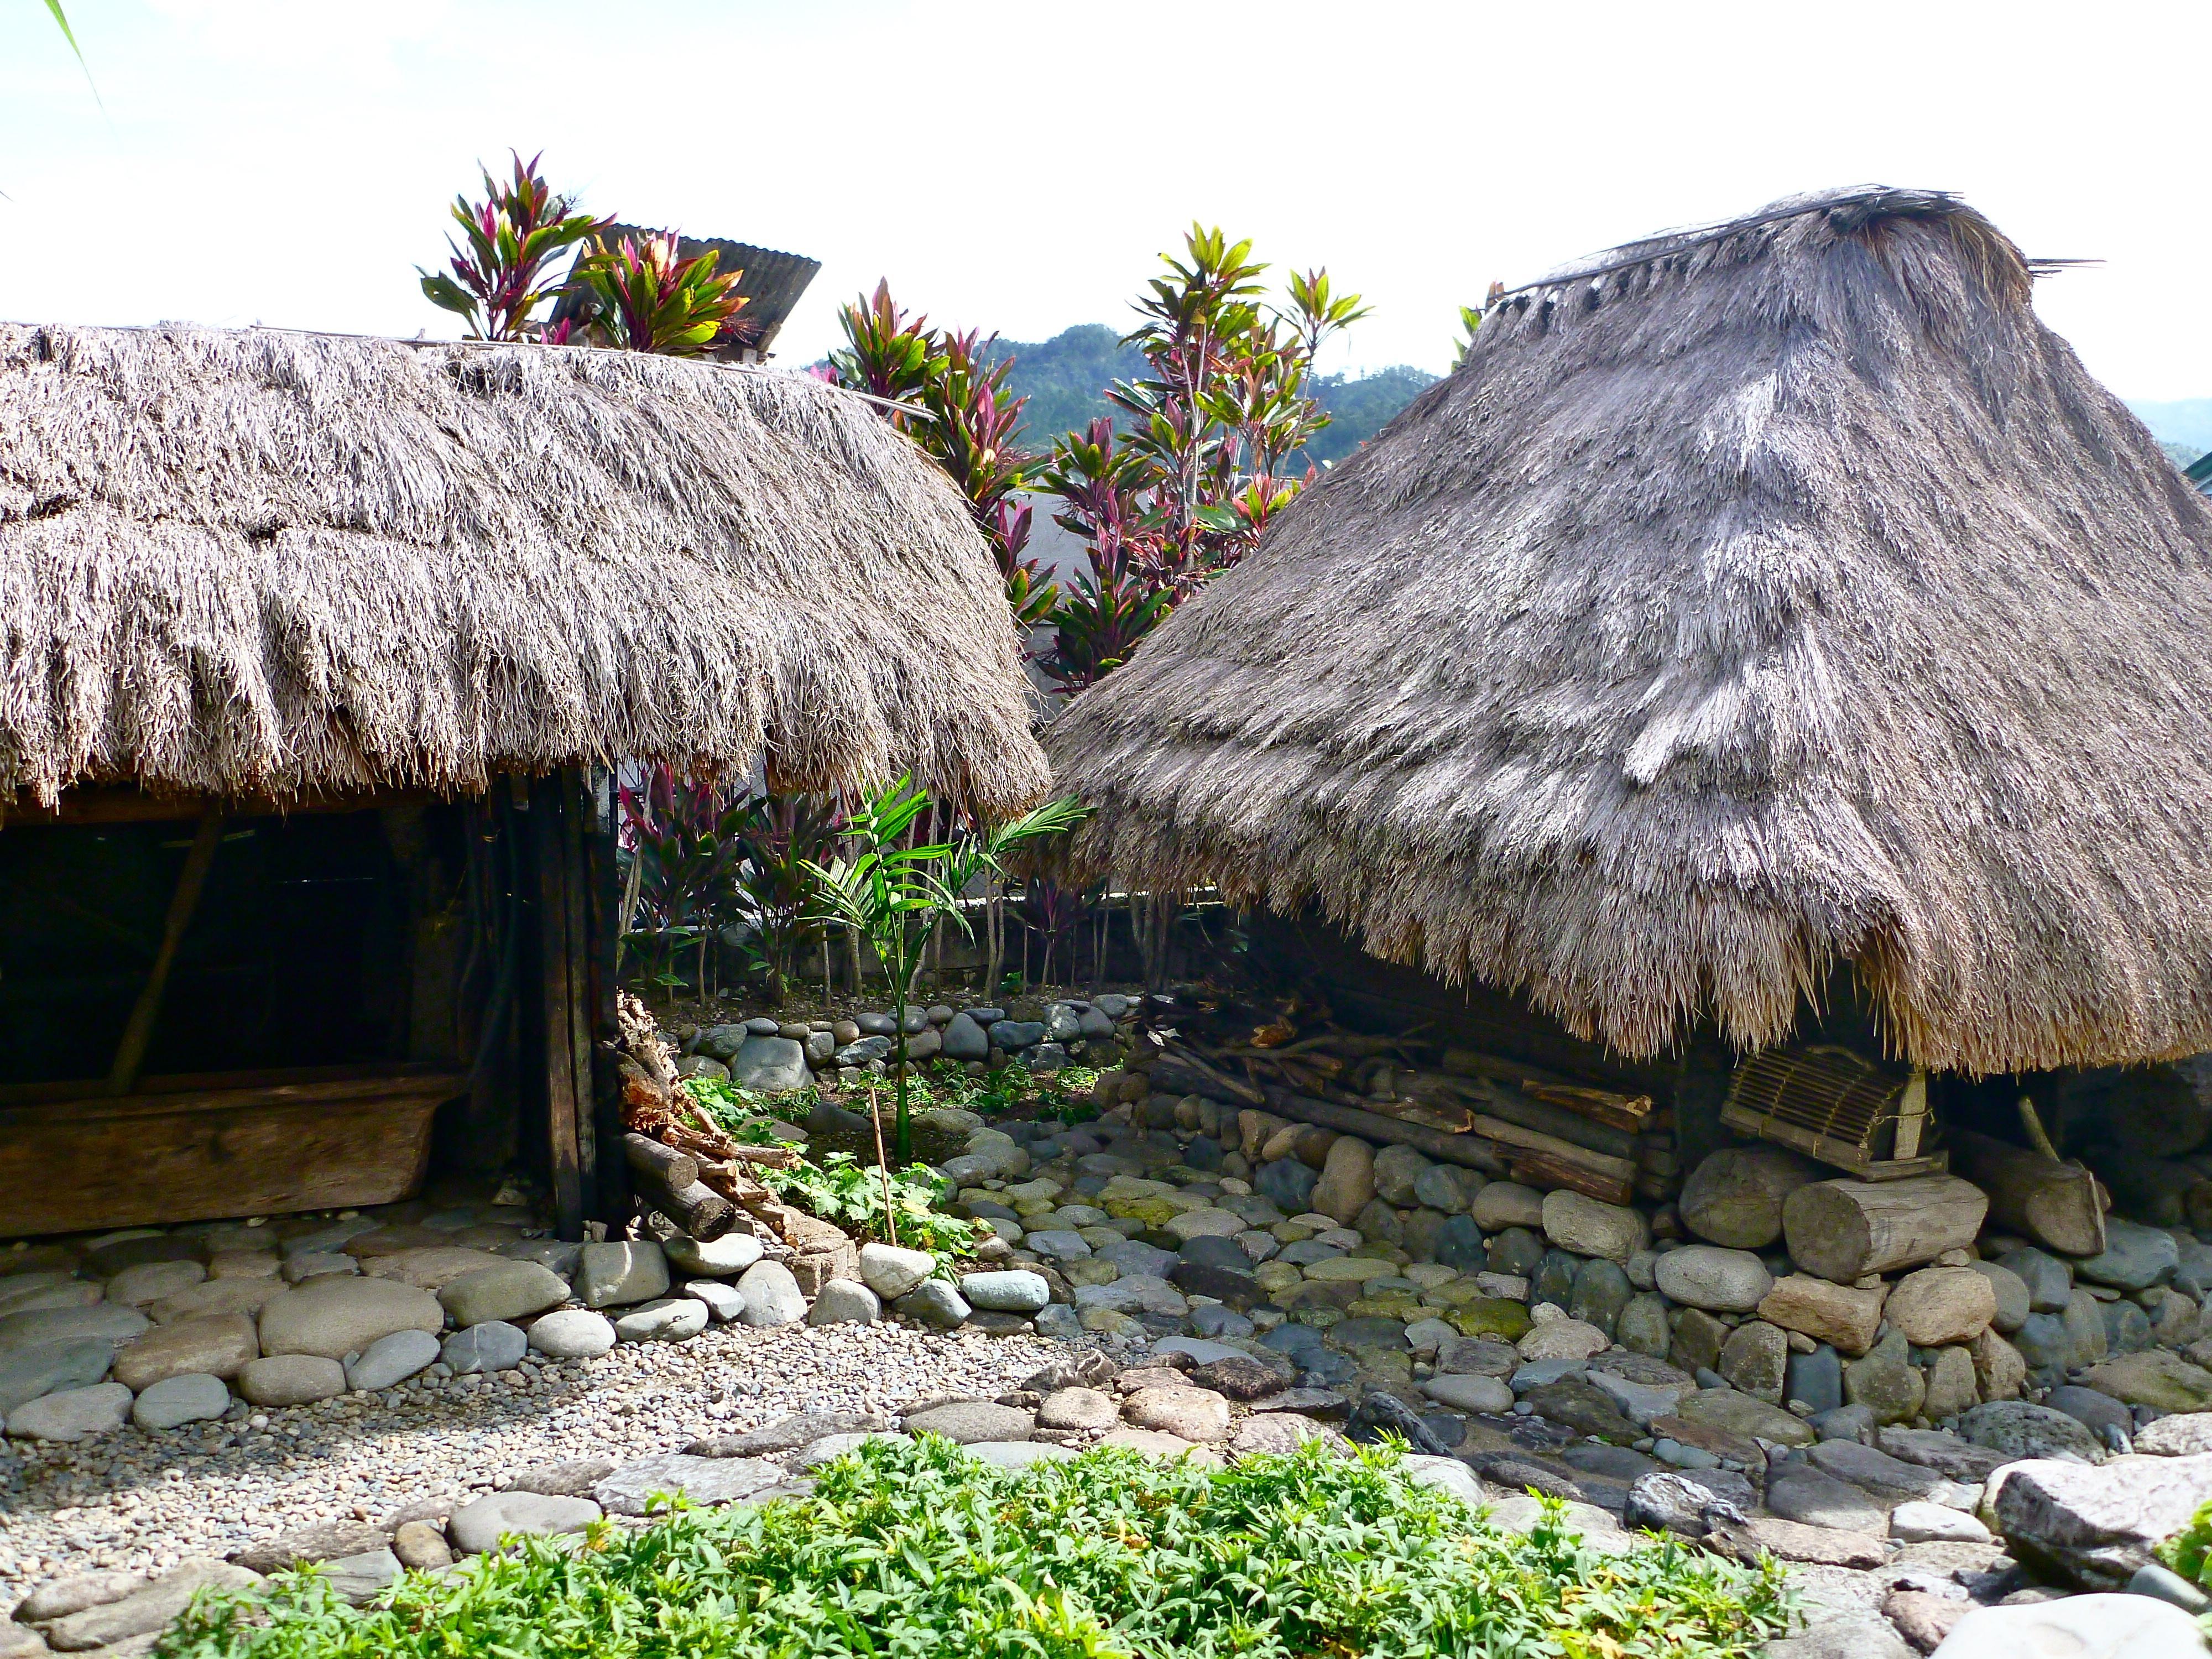 Bontoc Village Museum